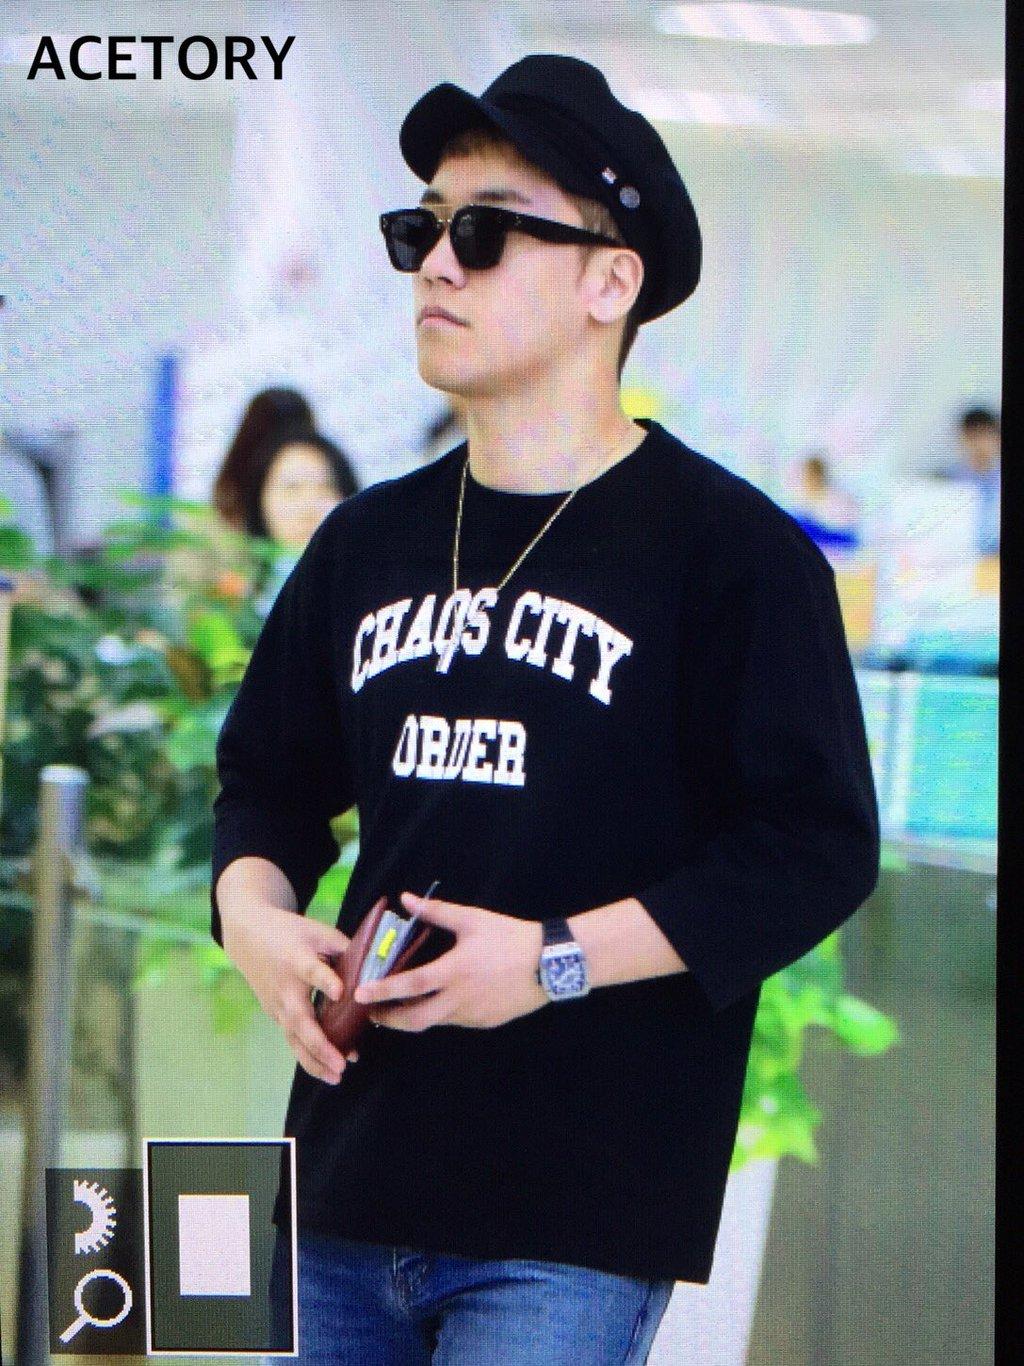 Seung_Ri_-_Tae_Yang_-_Gimpo_Airport_-_14may2016_-_Acetory_-_08